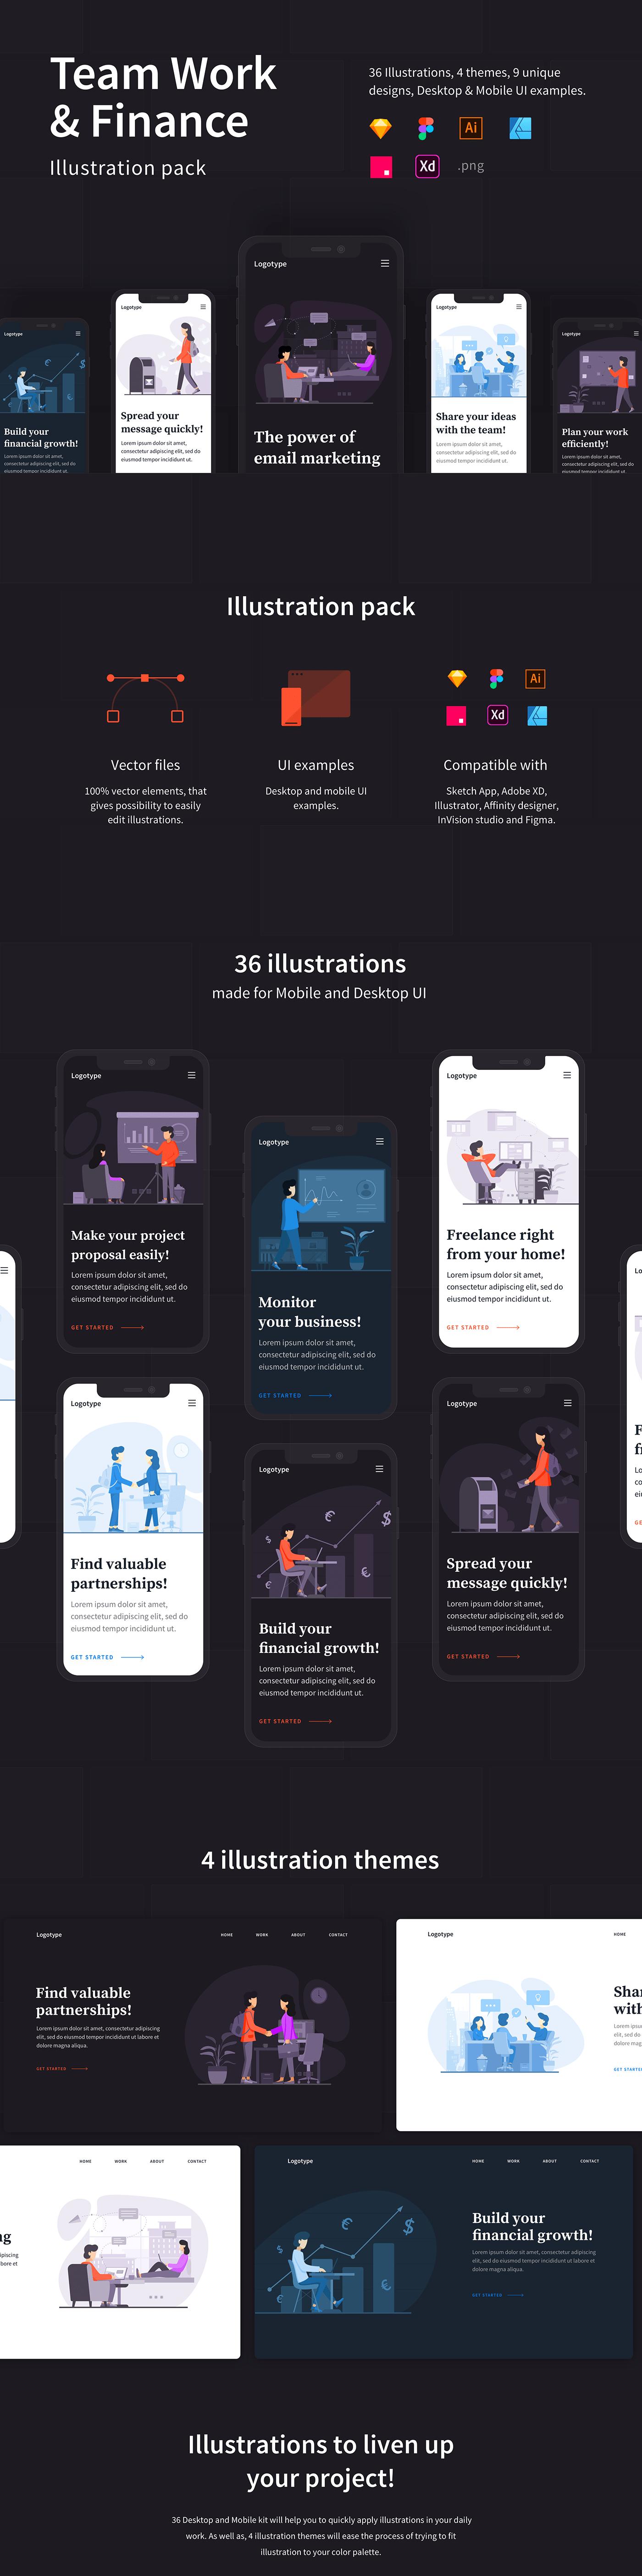 ILLUSTRATION  illustration pack Website desktop mobile UI vector modern sketch kit